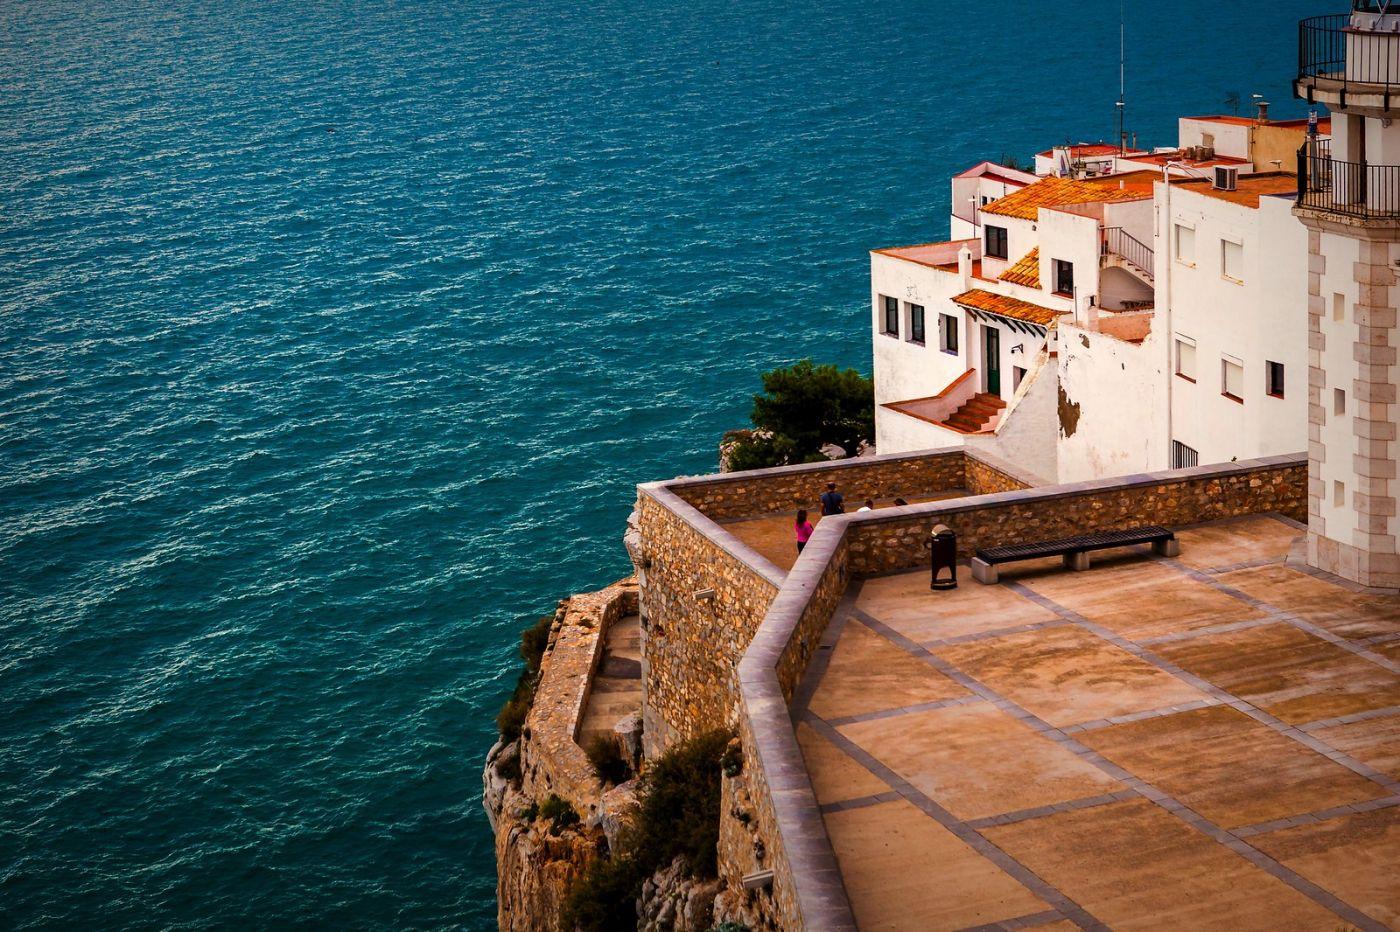 西班牙佩尼伊斯科拉(Peniscola),海边的景色令人神往_图1-3